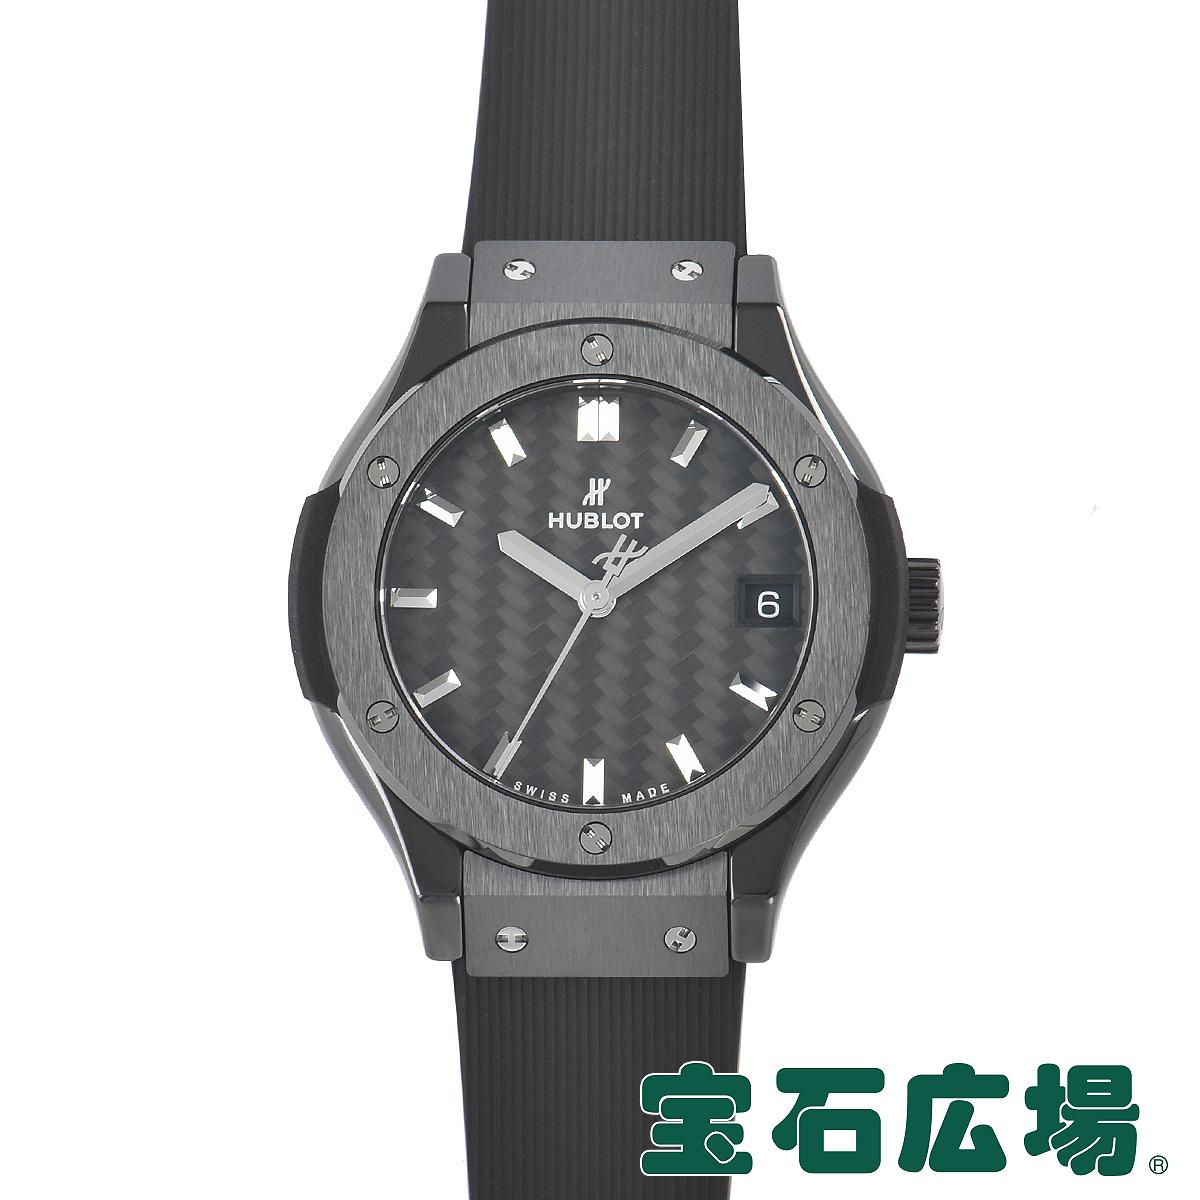 ウブロ HUBLOT クラシックフュージョン ブラックマジック 581.CM.1771.RX【新品】レディース 腕時計 送料無料